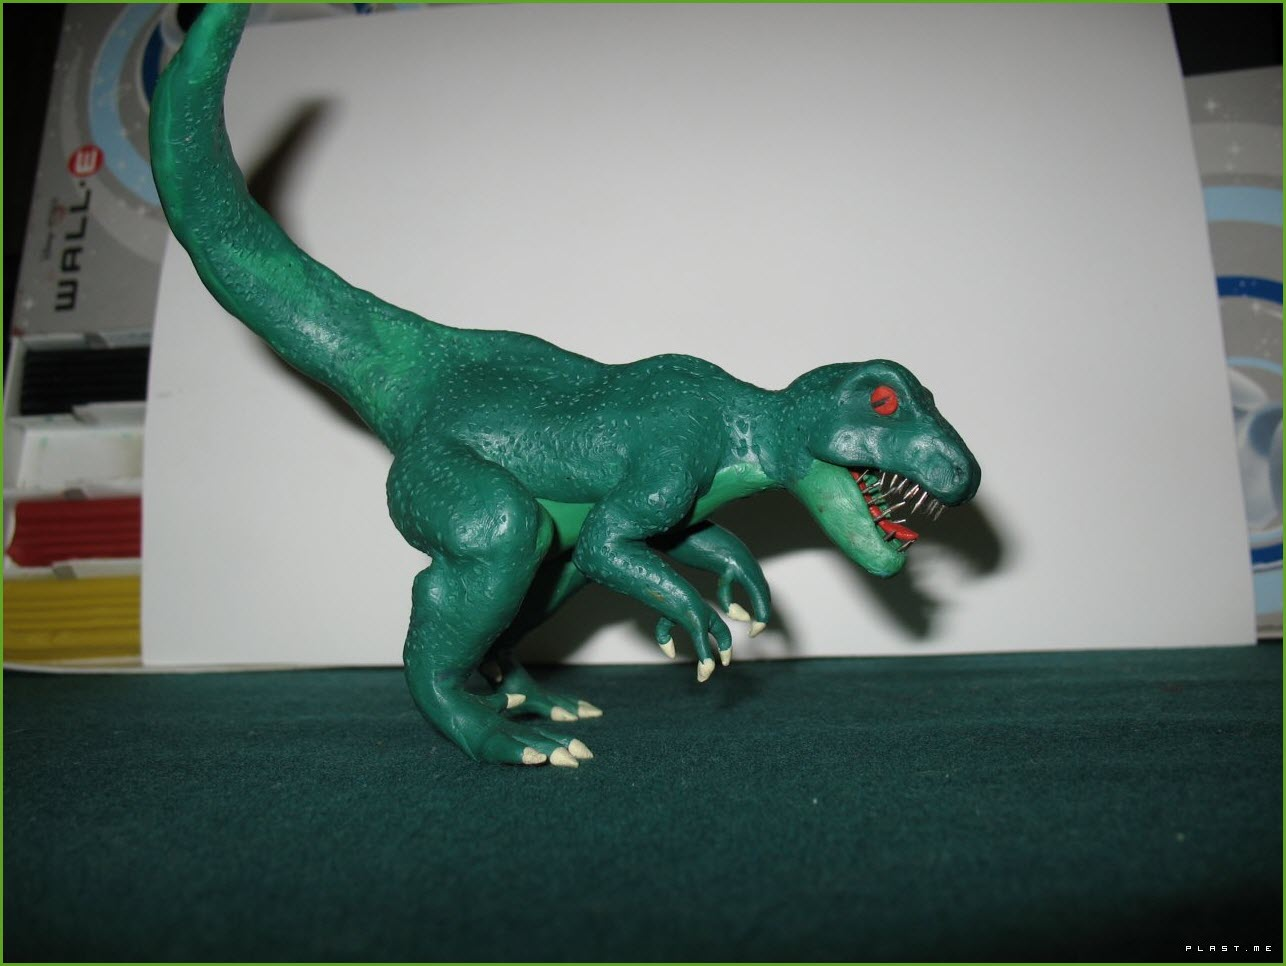 динозавр из пластилина 2